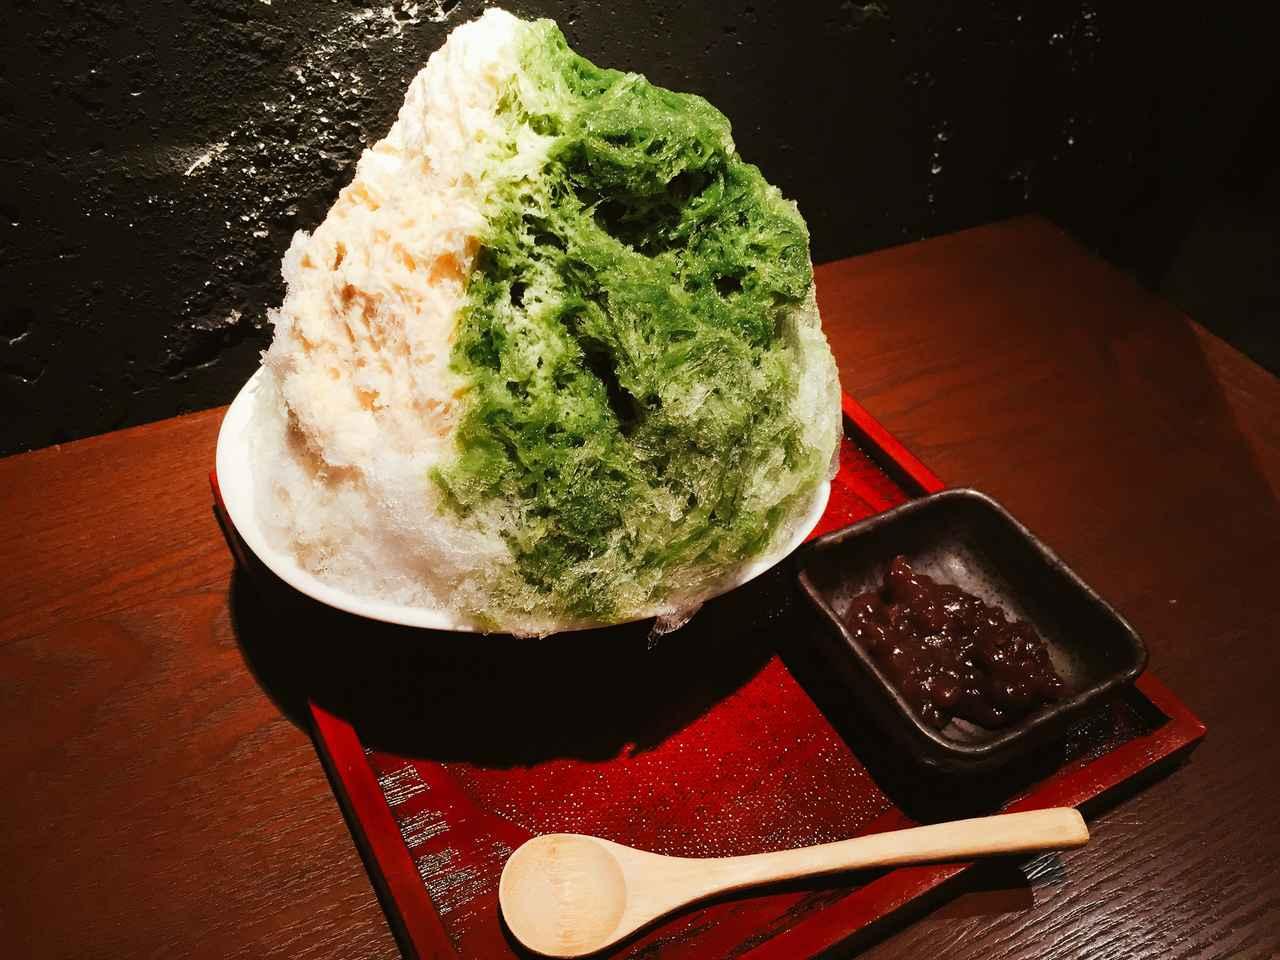 画像: 人気の抹茶かき氷が「生姜屋 黒兵衛」にも登場です。濃厚な京都宇治抹茶のシロップと3時間かけて作るお店自家製の練乳にあずきを添えました。 ほろ苦い抹茶と練乳ミルクの甘みが抜群の相性を奏でる「京都宇治抹茶ミルク」は抹茶好きにはたまらないかき氷です。